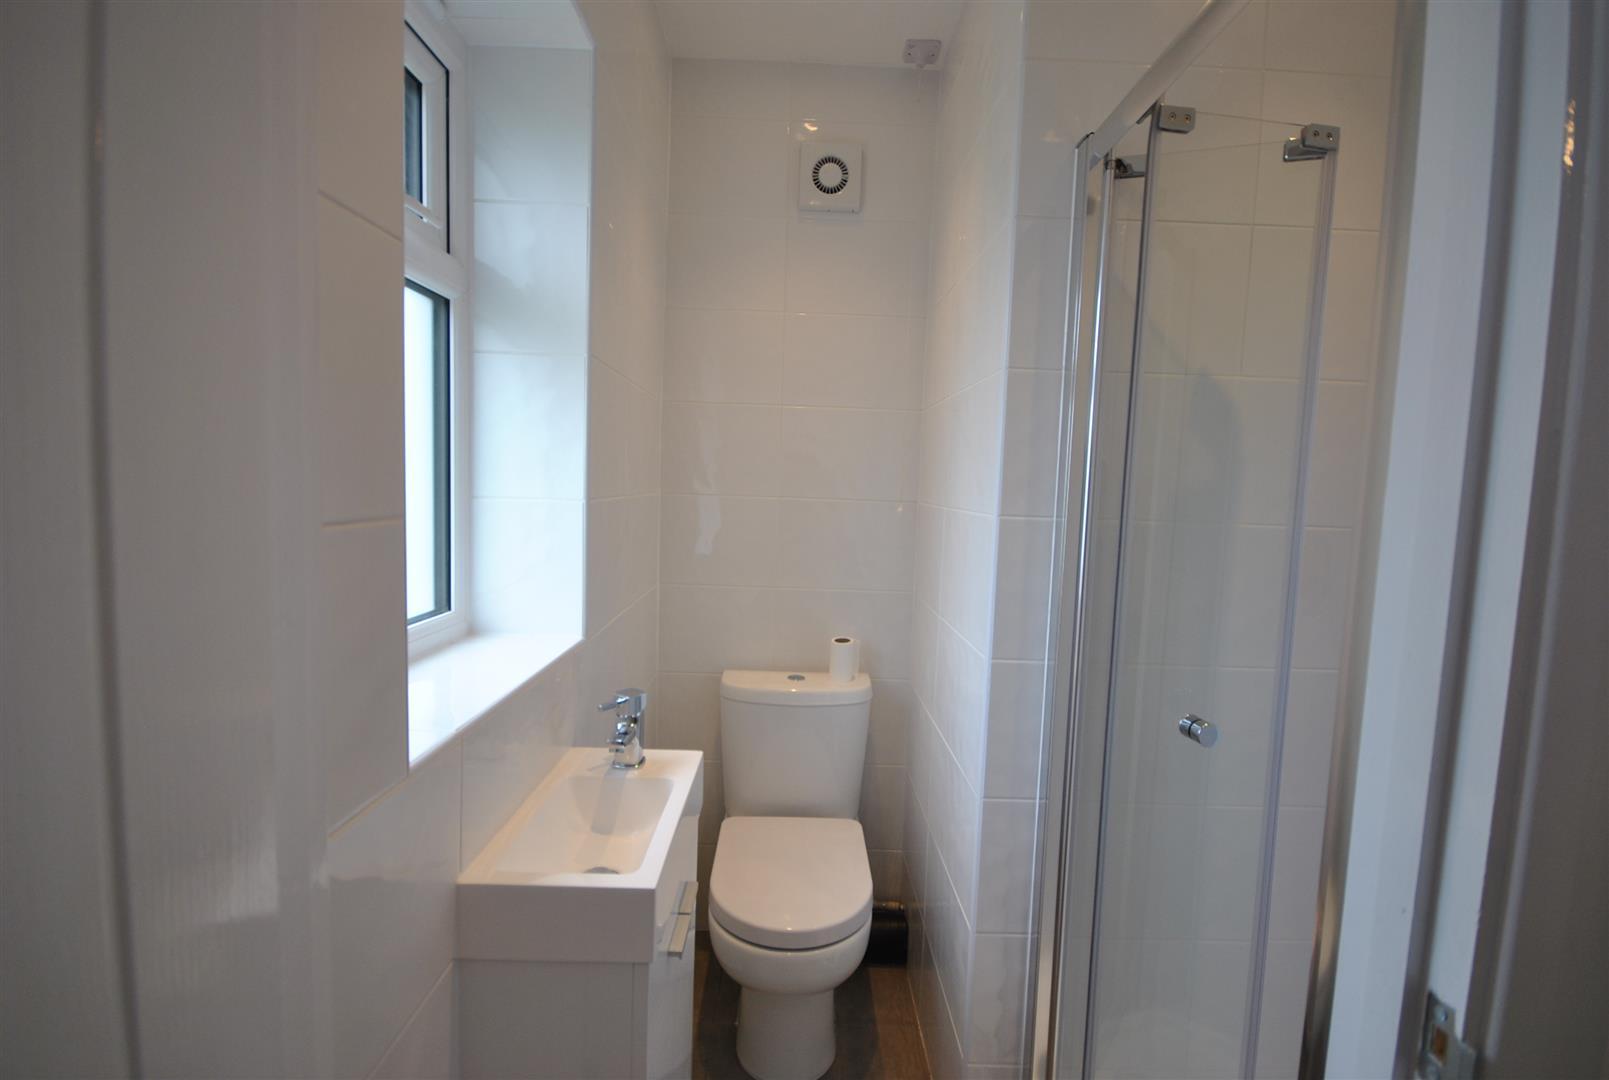 2 Bedrooms, Bungalow